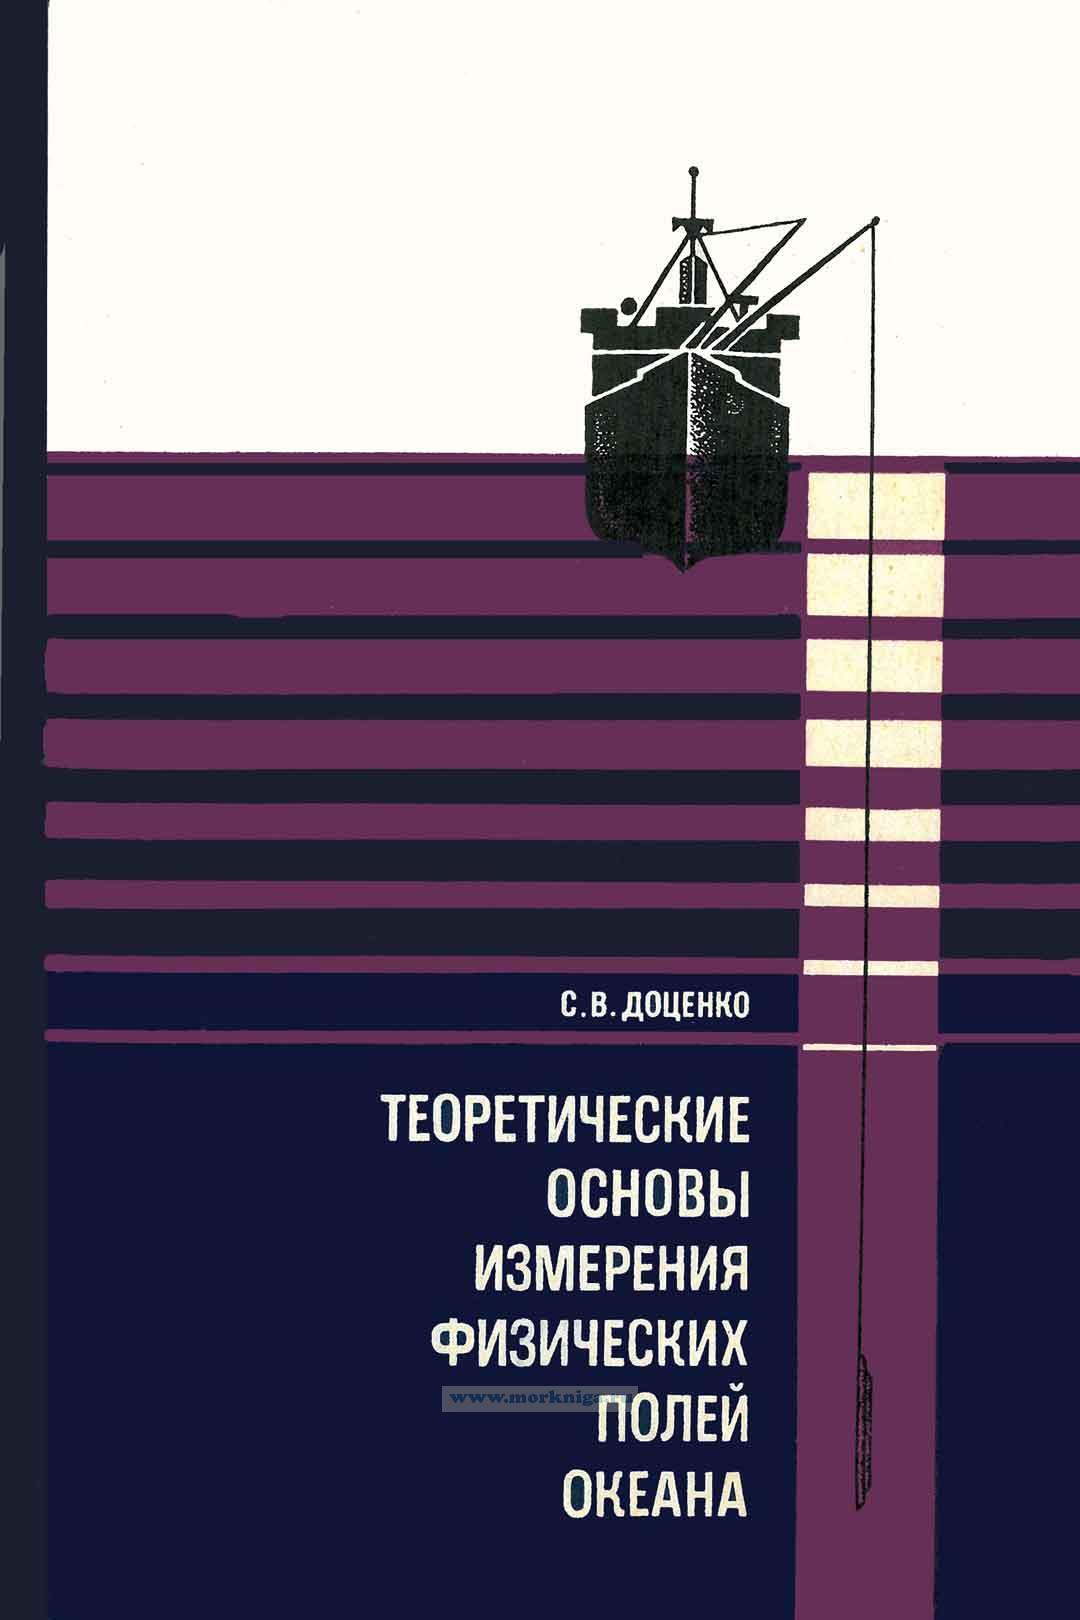 Теоретические основы измерения физических полей океана